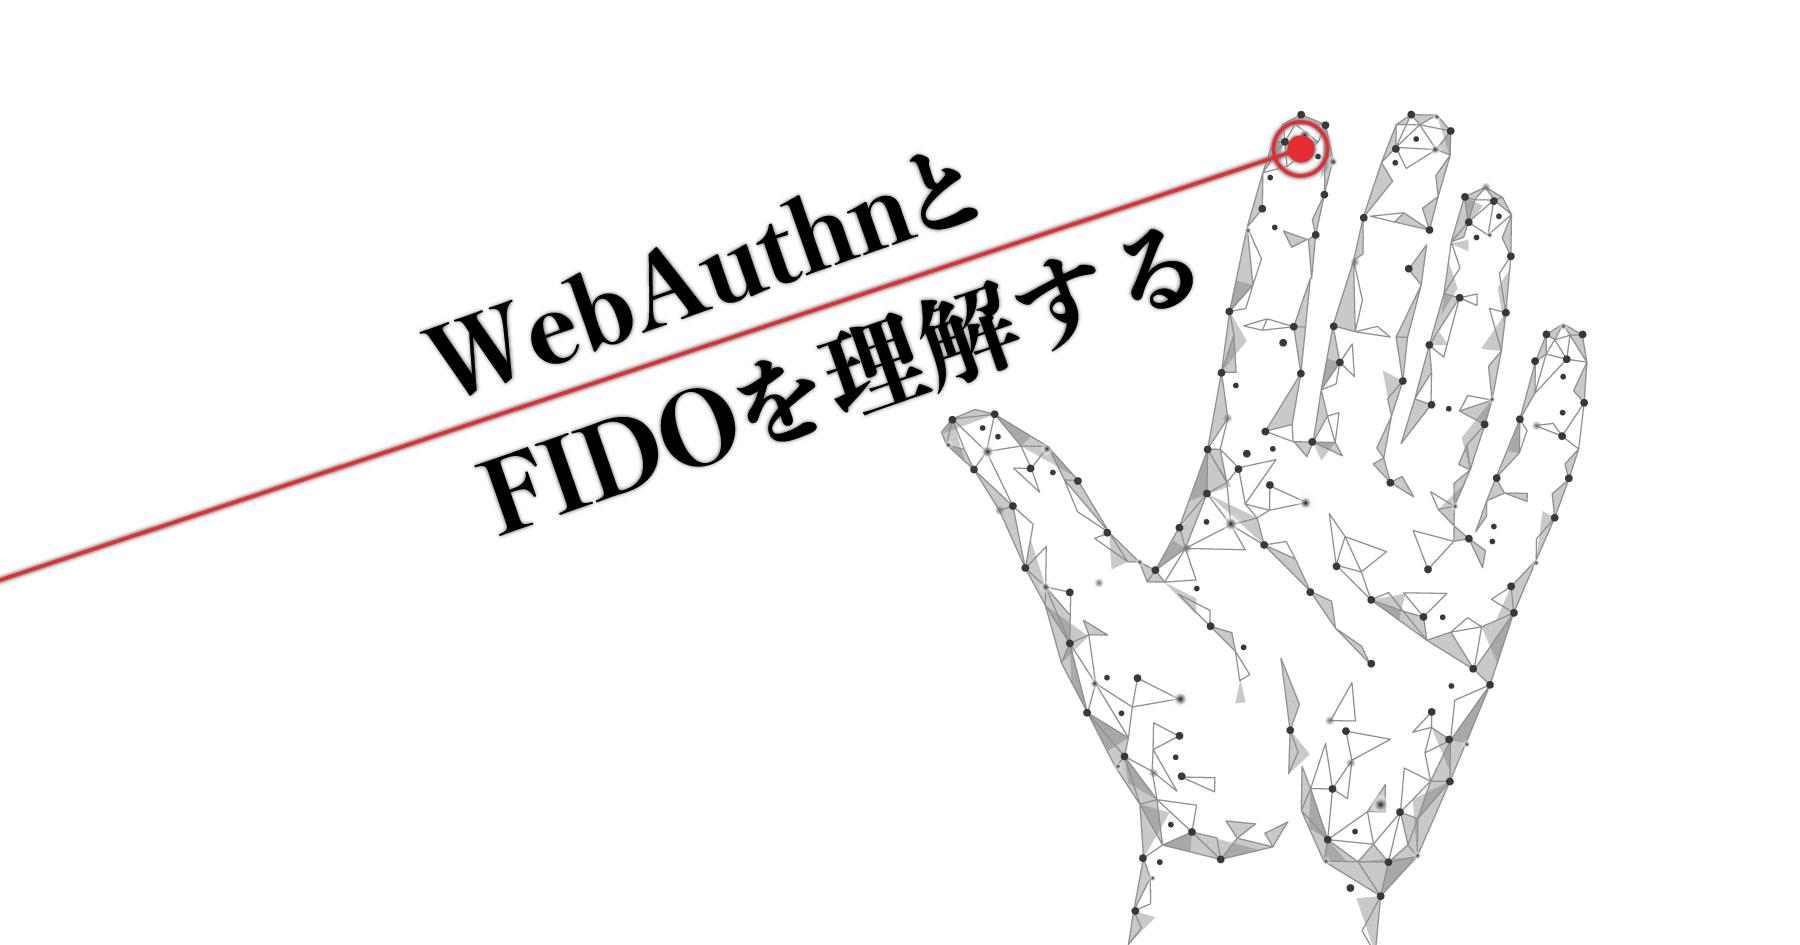 WebAuthnでパスワードレスなサイトを作る。安全なオンライン認証を導入するFIDOの基本 #エンジニアHub - エンジニアHub|若手Webエンジニアのキャリアを考える!